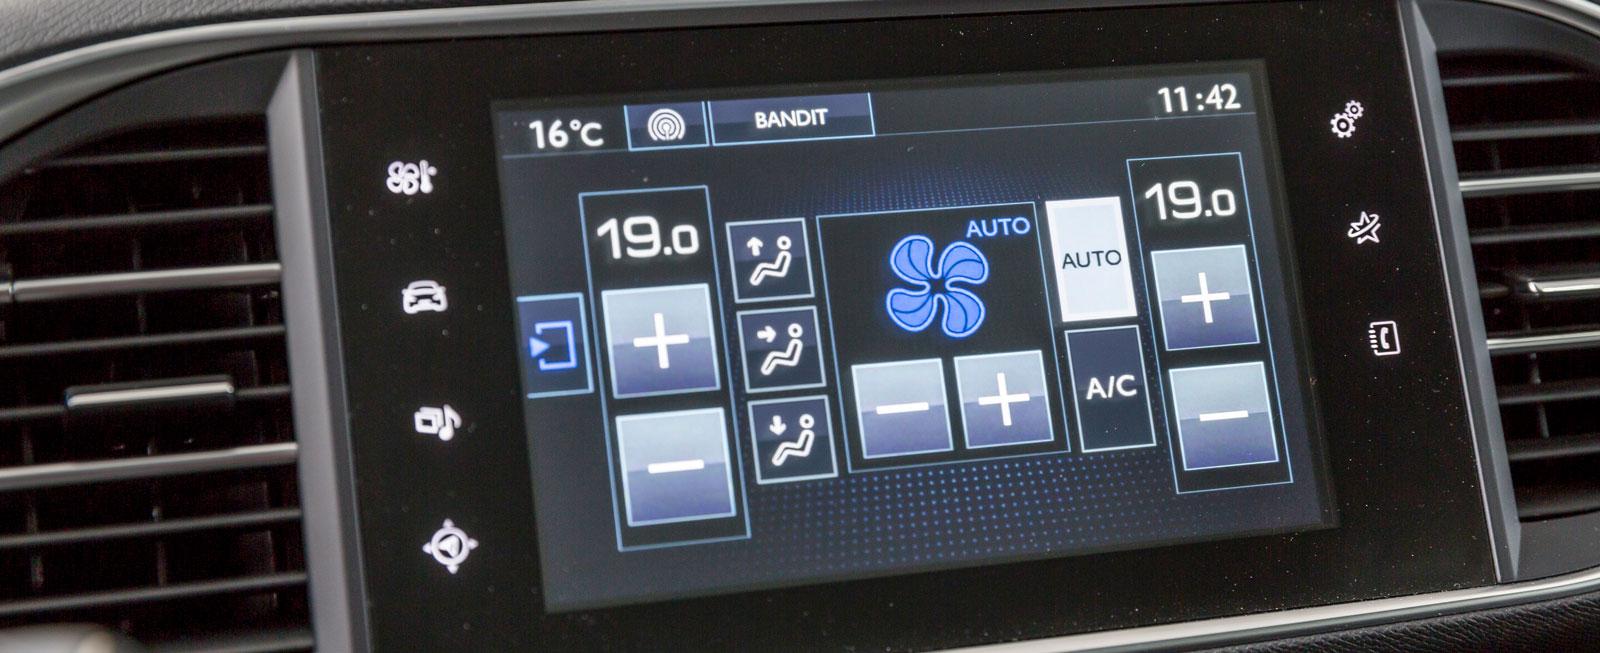 För att justera värme/ventilation måste man knappa sig in på pekskärmen. Onödigt krångligt – vanliga vred är bättre!